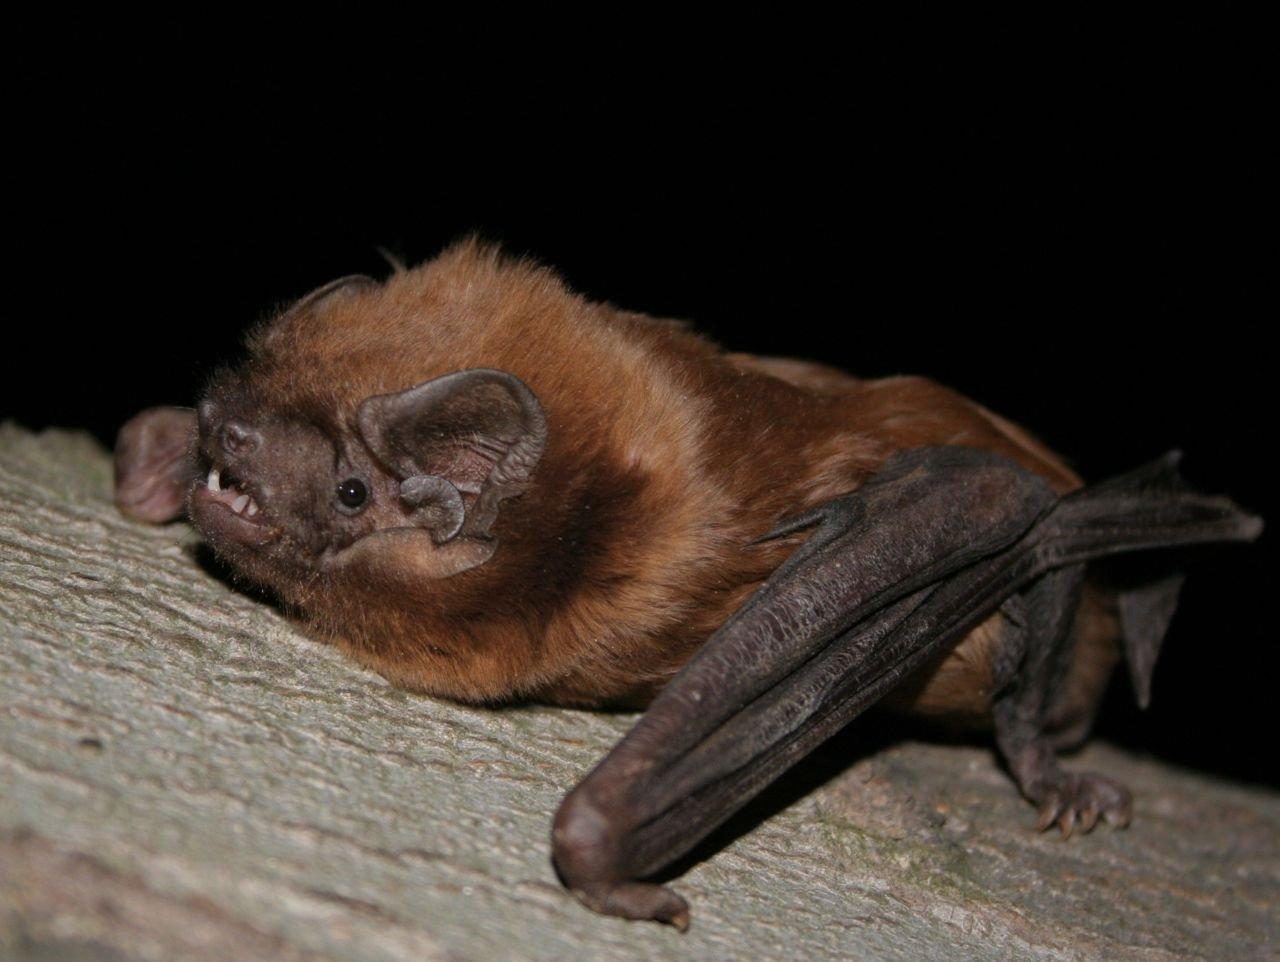 Grte rosse vleermuis: een spectaculaire nieuwe soort voor België (foto: Peter Kanuch)